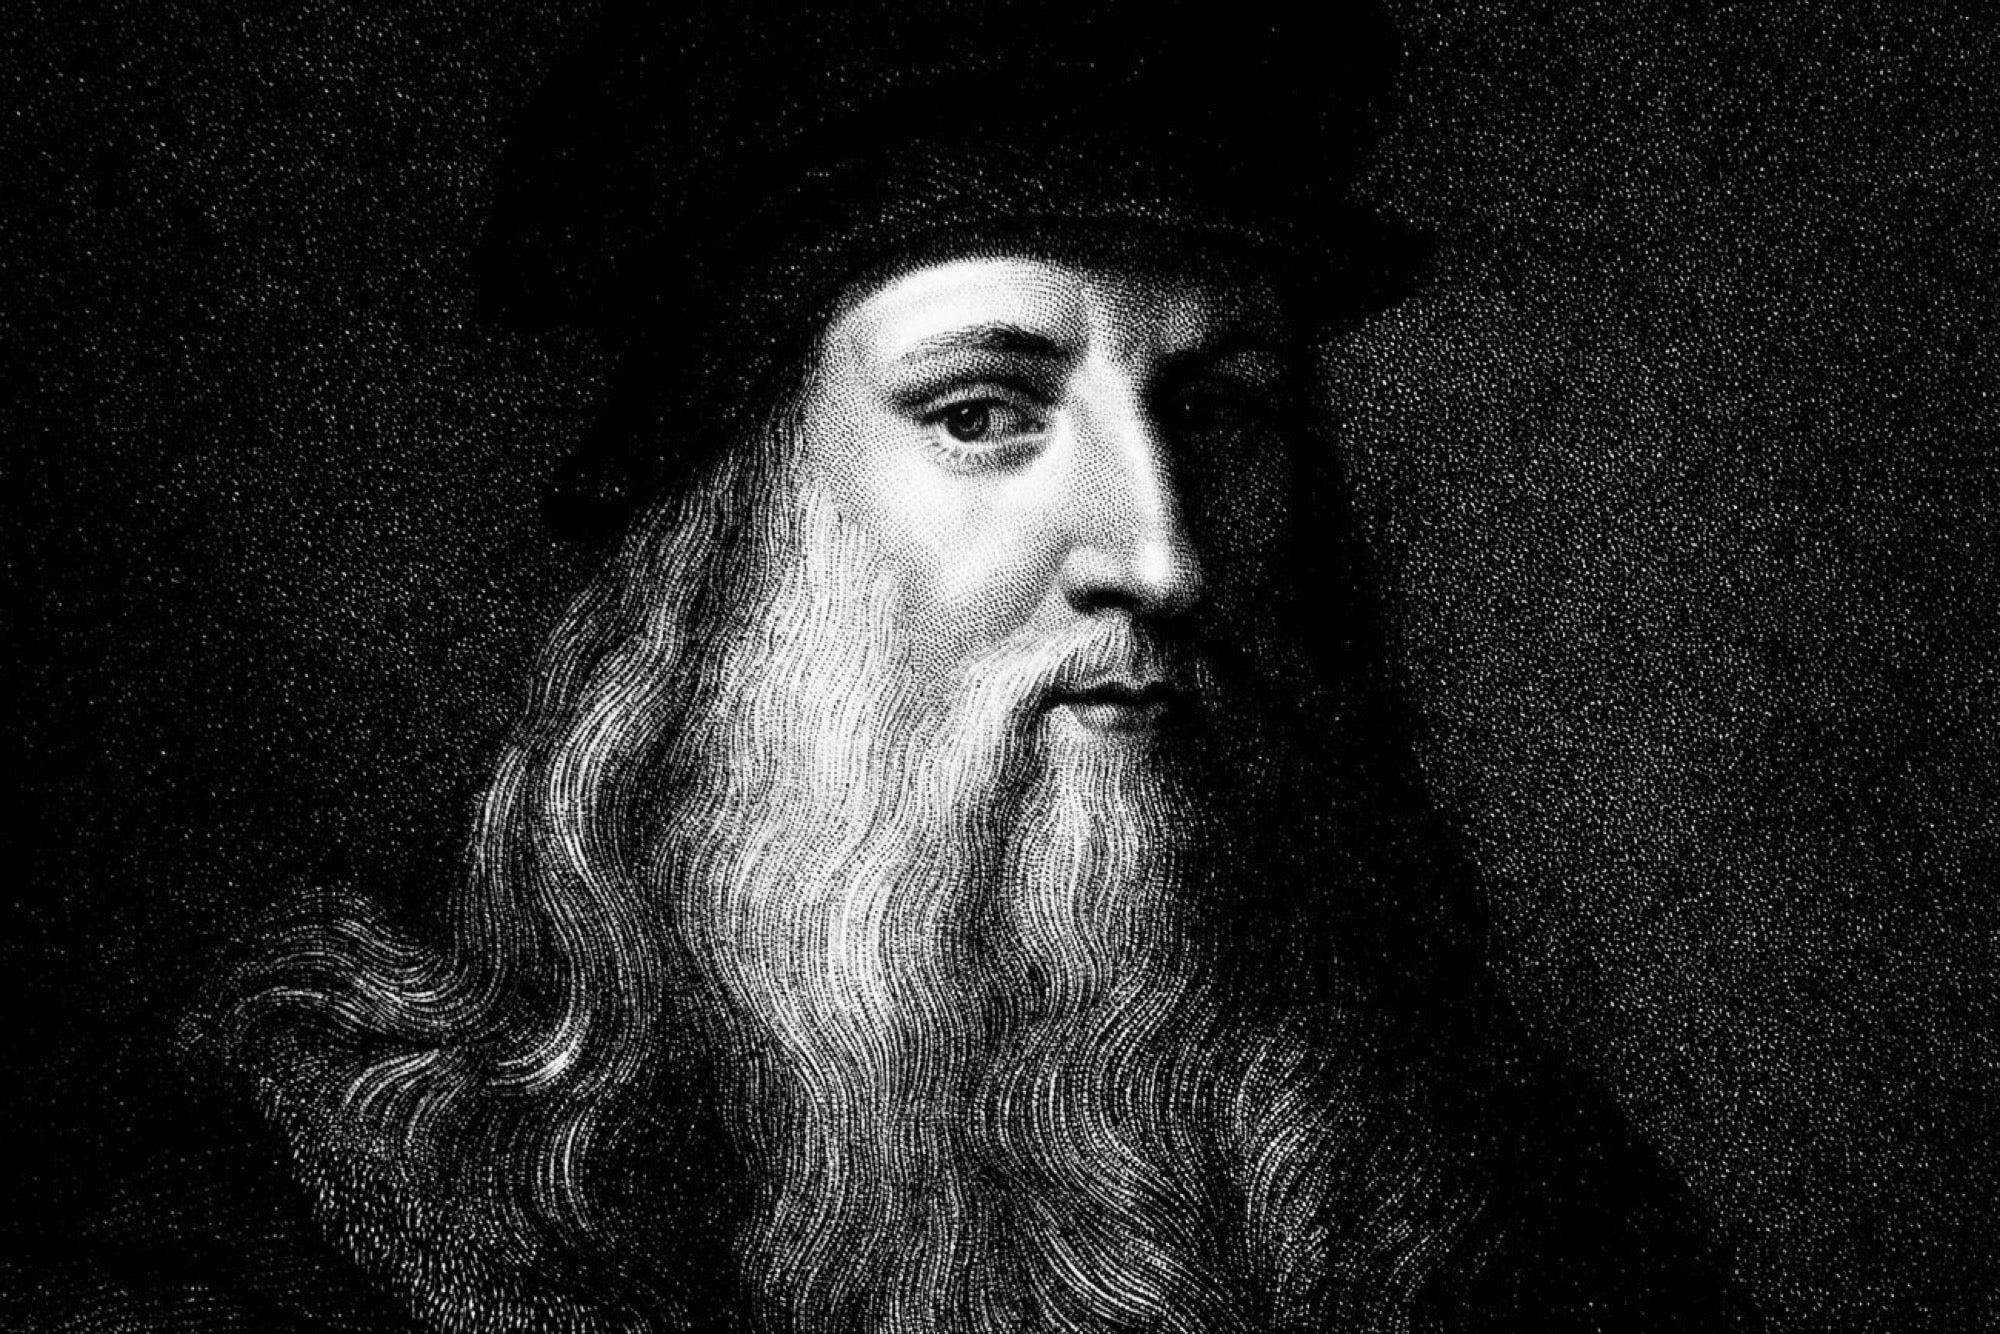 Леонардо да винчи картинки, нарисовать